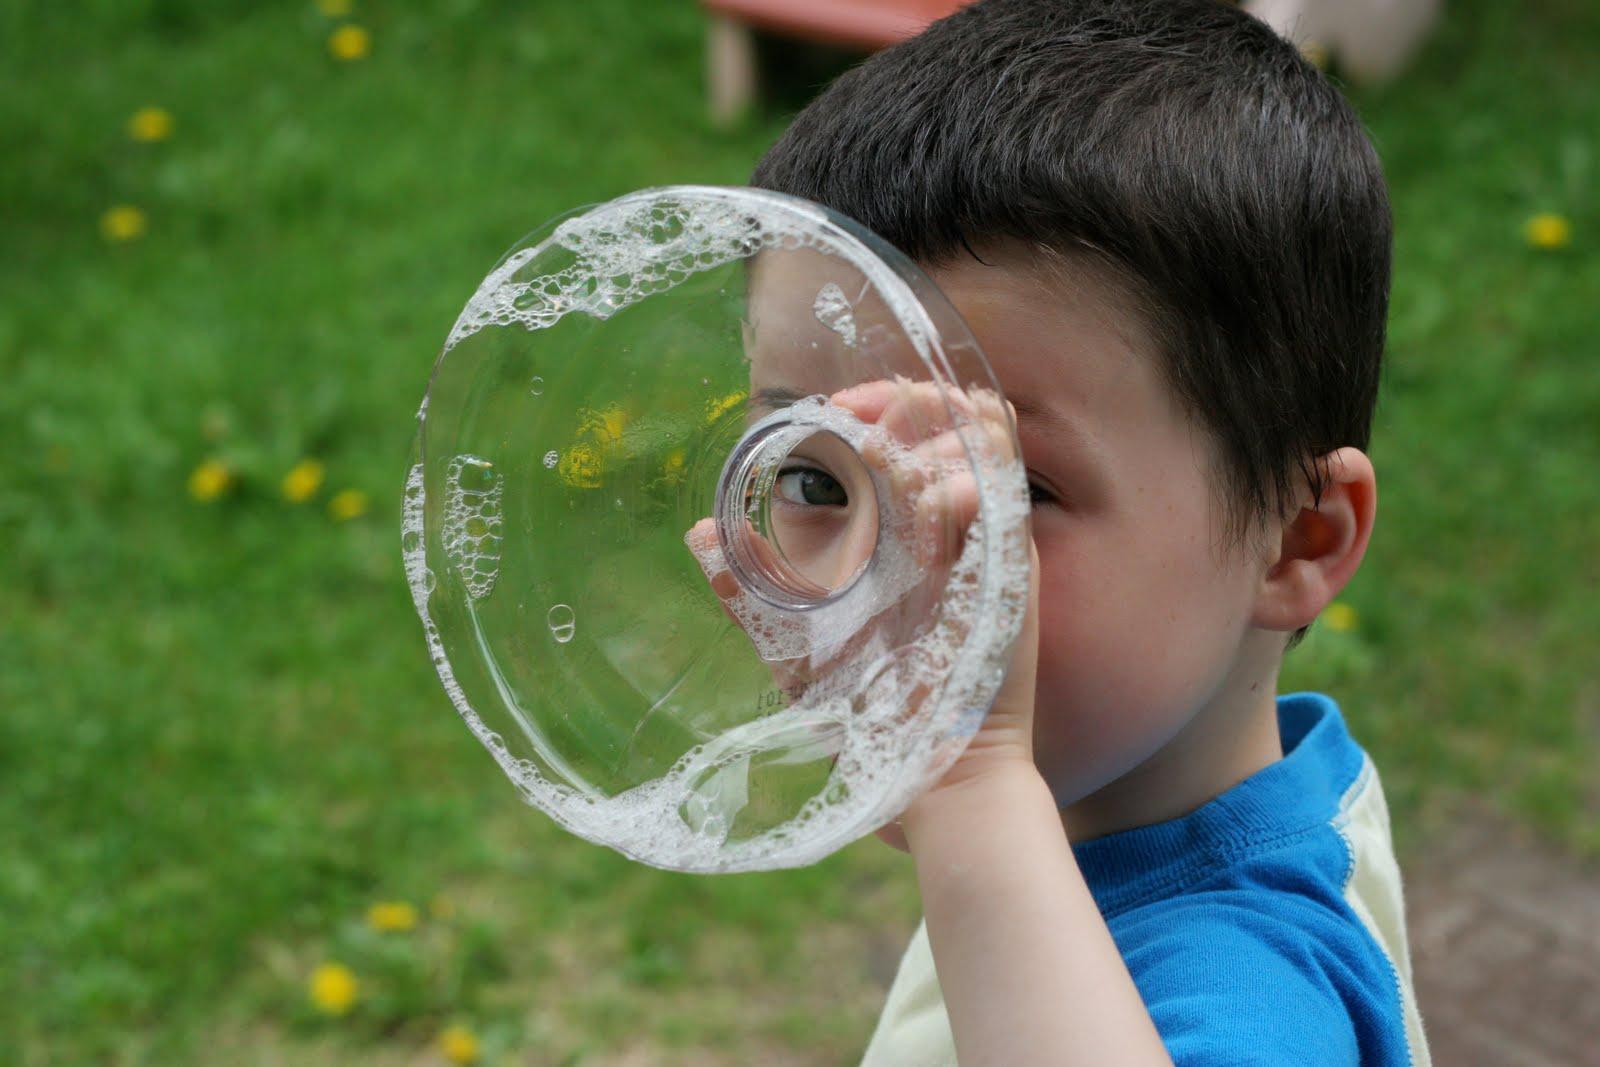 Как сделать мыльные пузыри в домашних условиях: 7 рецептов 16